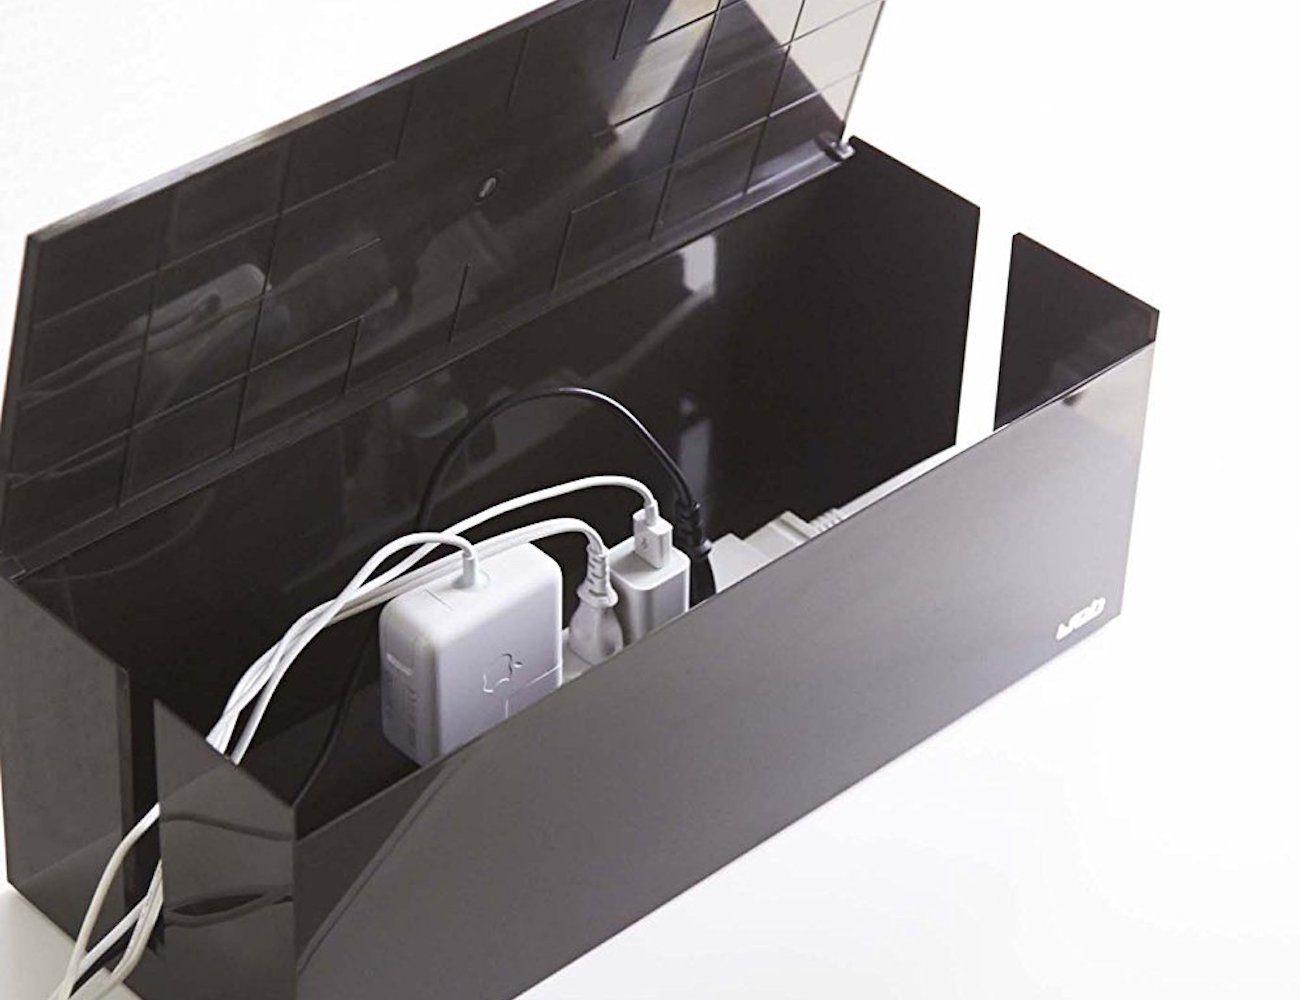 Web Cable Box by YAMAZAKI